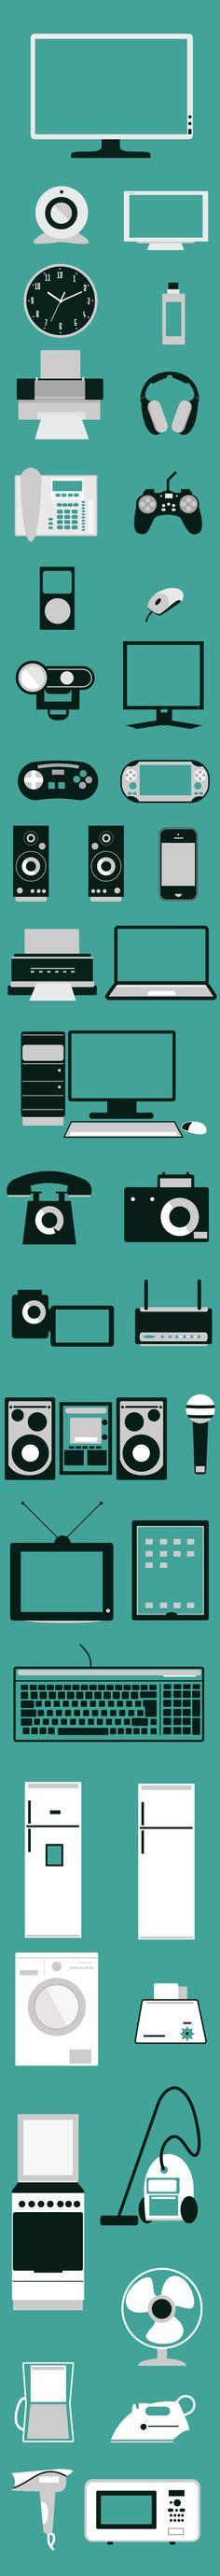 Flat elements by Adina Neculae, via Behance Flat Design Illustration, Graphic Illustration, Design Illustrations, Web Ui Design, Icon Design, Logo Design, Design Elements, Cool Designs, Character Design